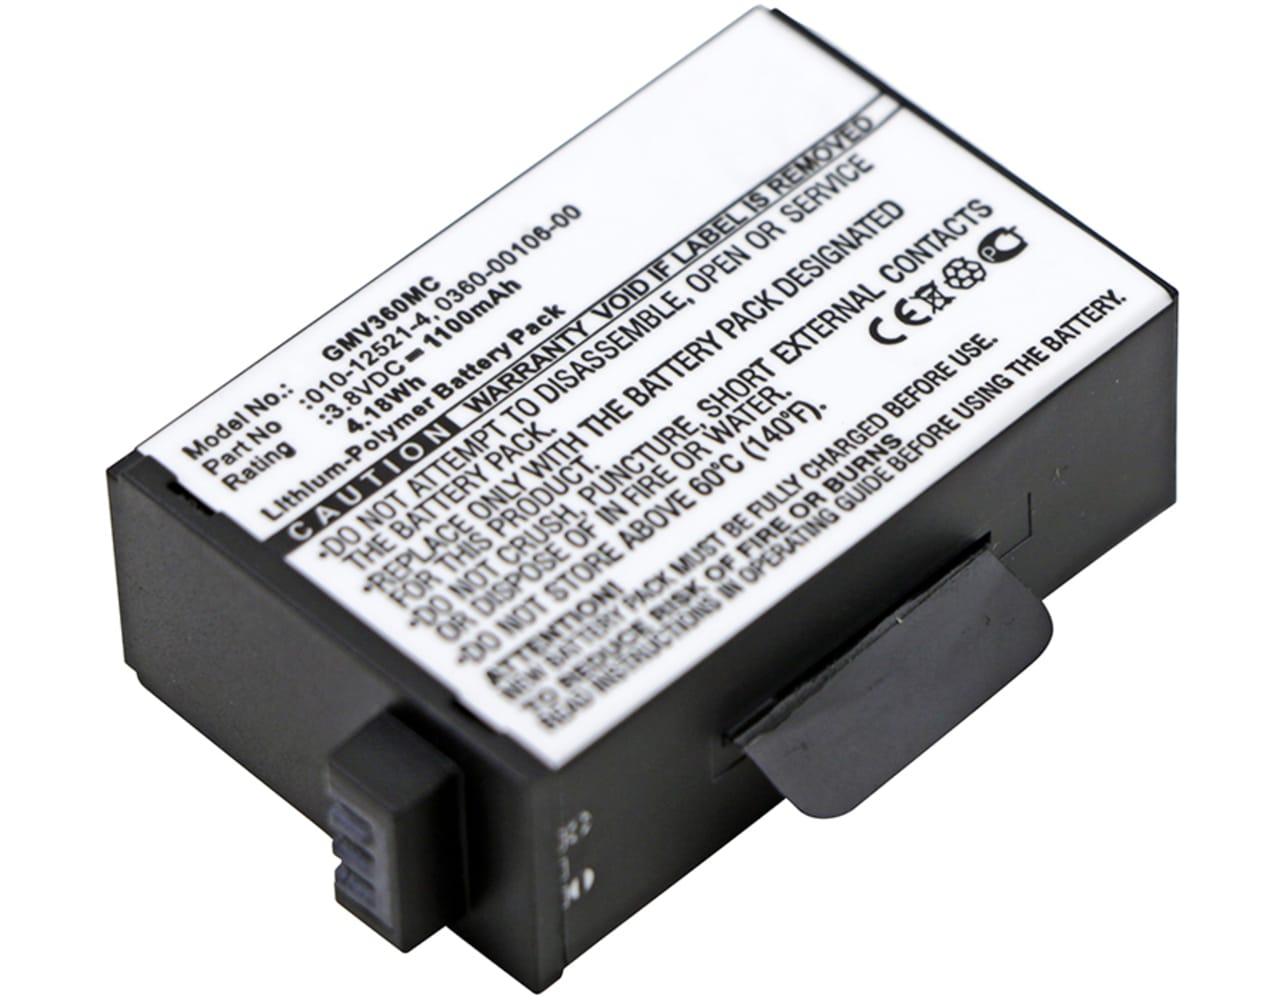 Batterie pour appareil photo Garmin Virb 360° Camera, Virb 360 - 010-12521-40,360-00106-00 1100mAh Batterie Remplacement